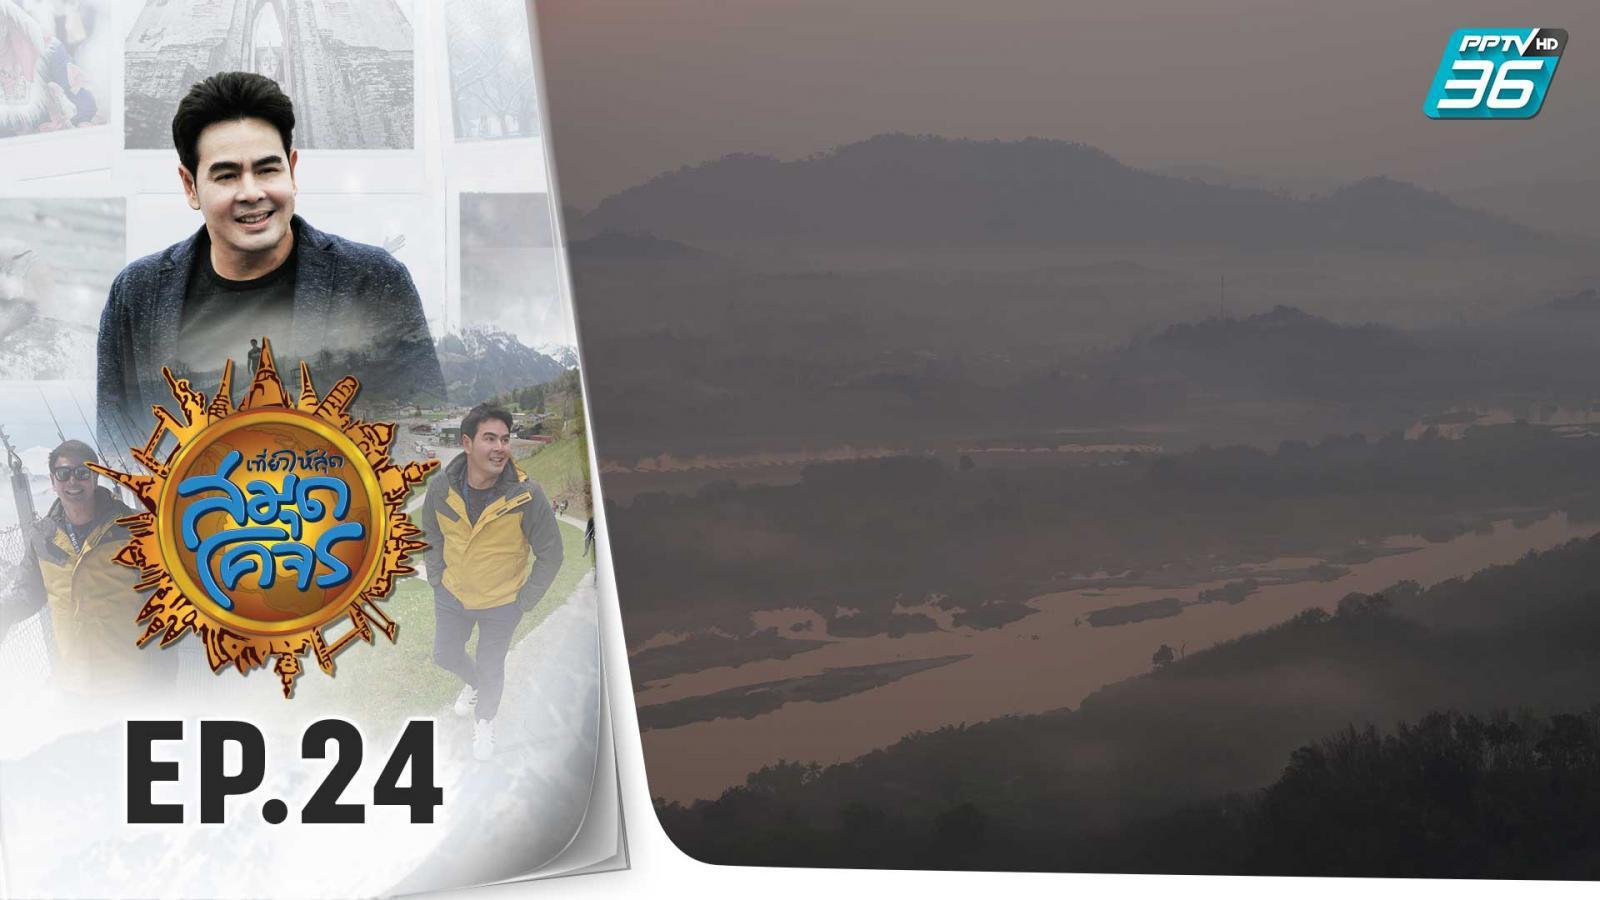 เที่ยวให้สุด สมุดโคจร | ชอปปิงนานาวิว ชิลบรรยากาศหนองคาย EP.24 | 18 มี.ค. 63